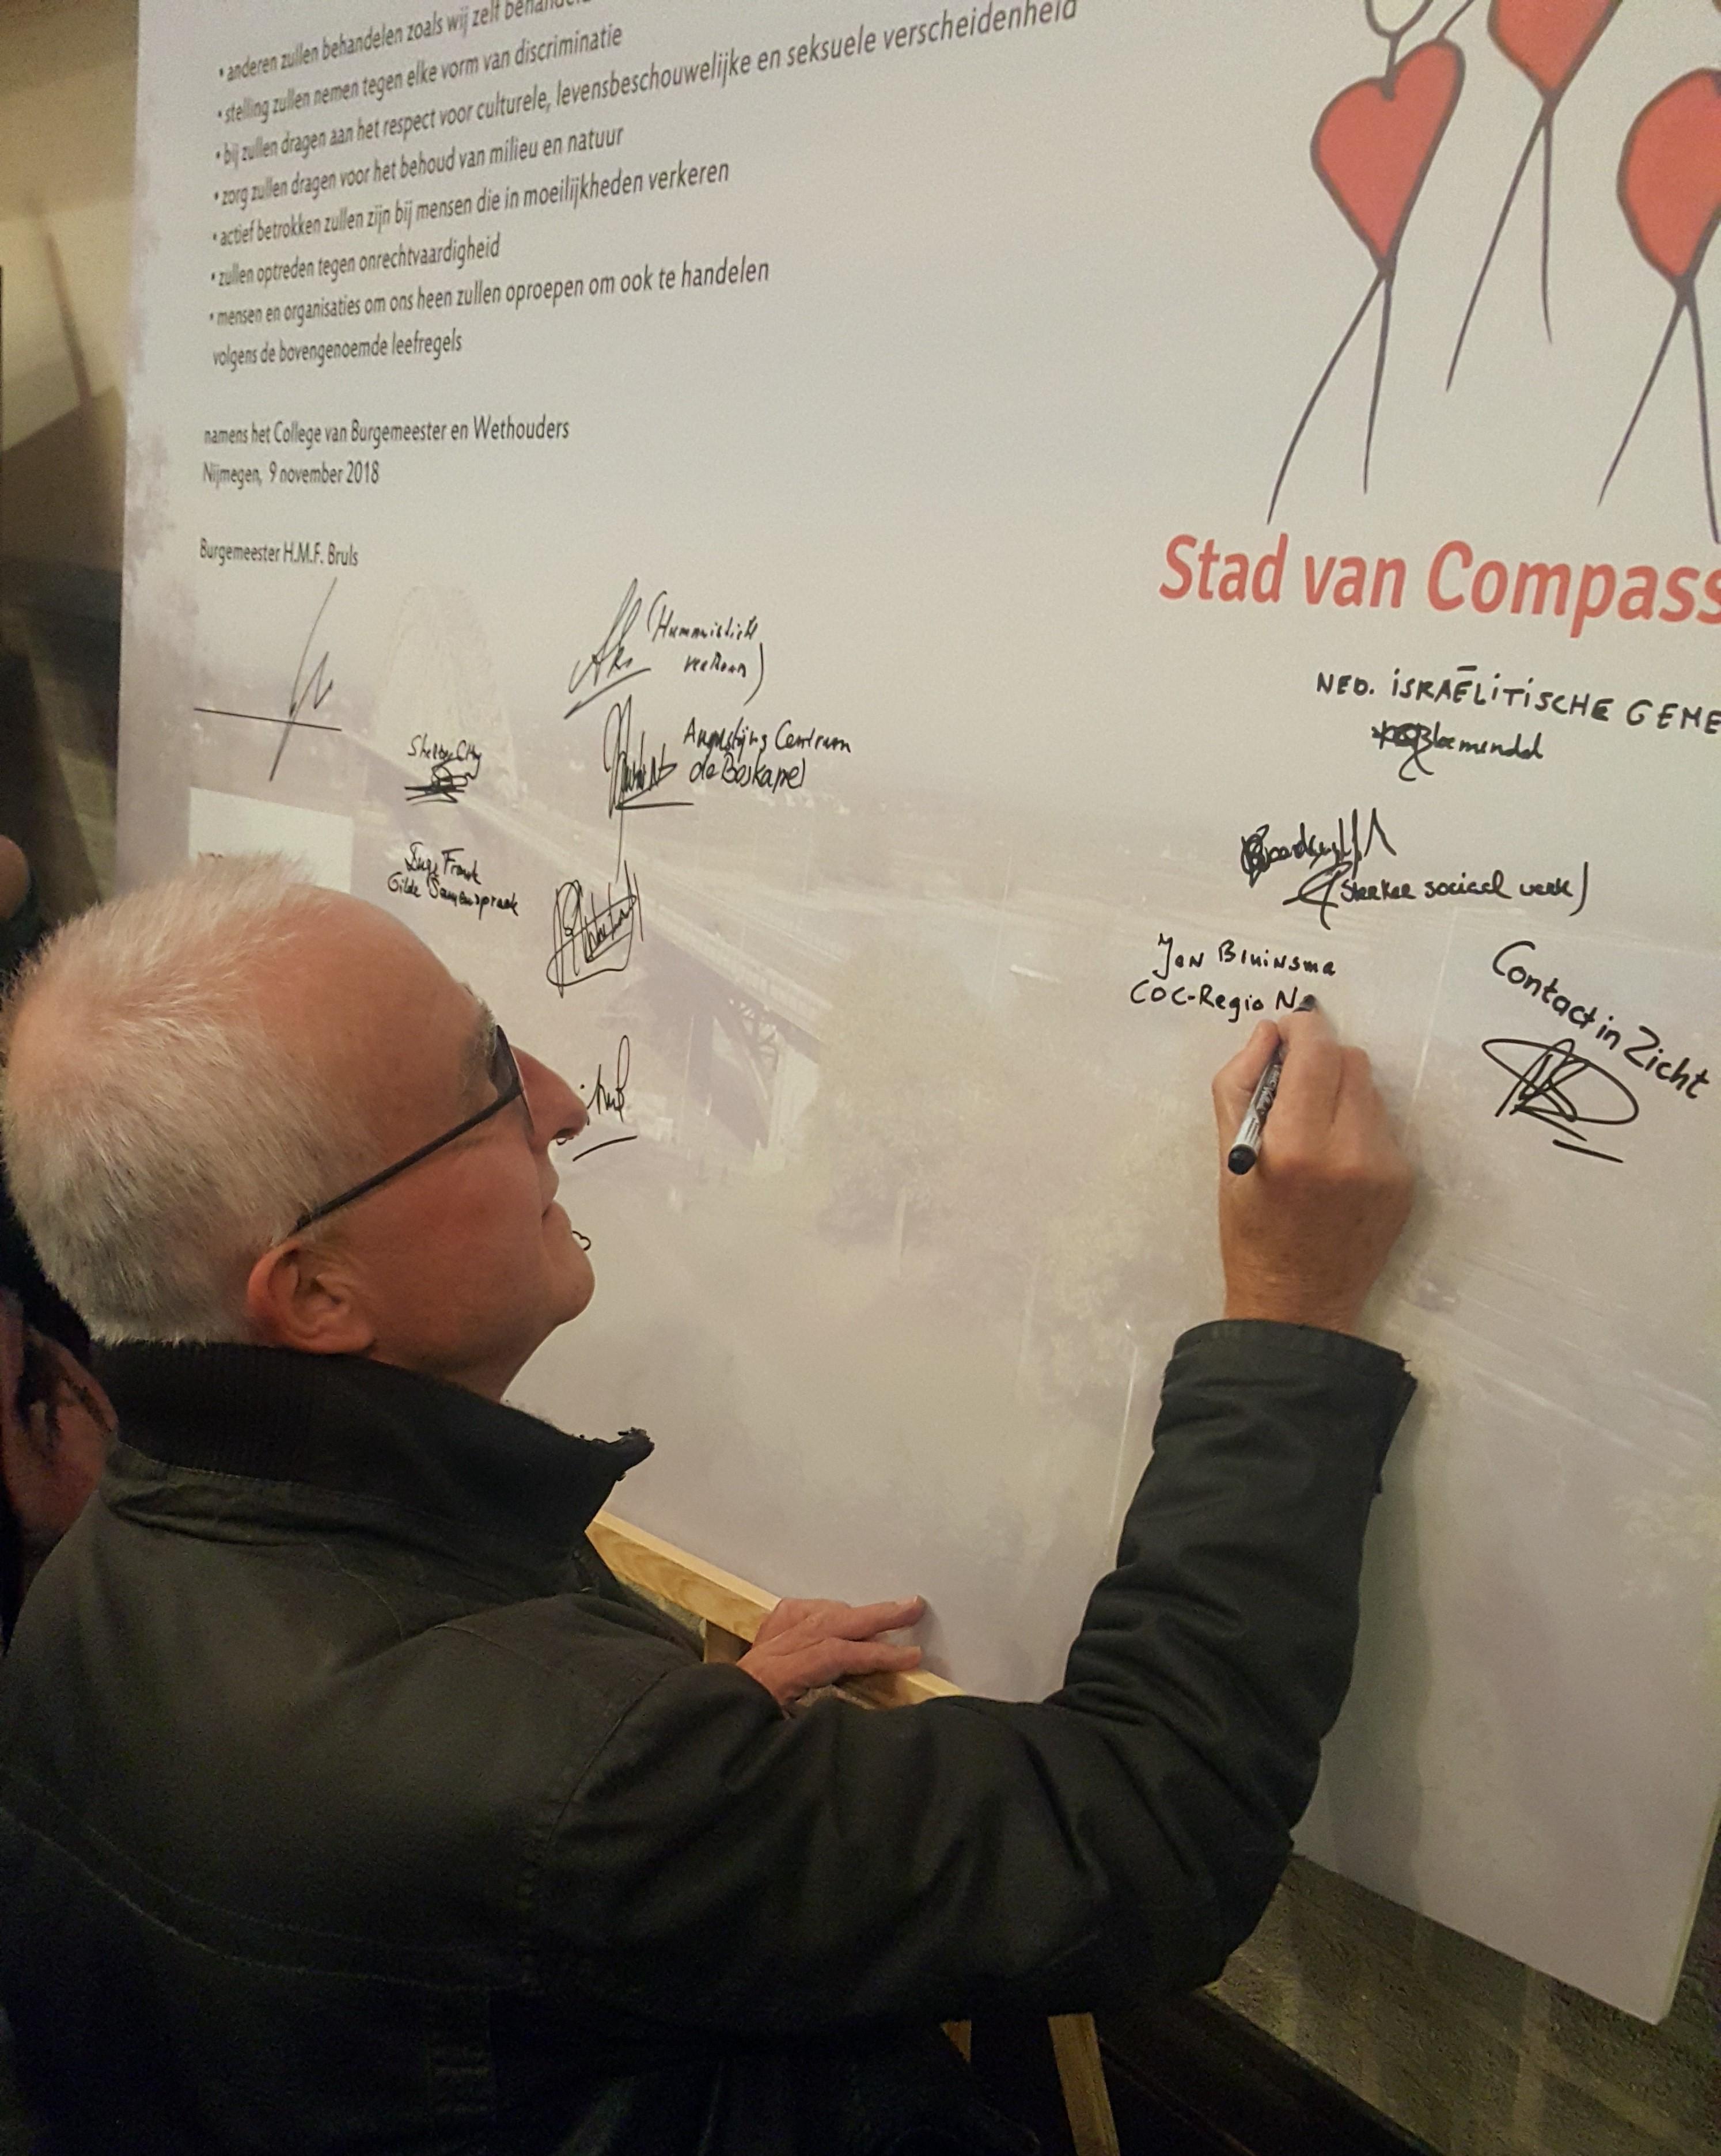 Burgemeester Bruls ondertekend handvest 'Nijmegen, stad van compassie'